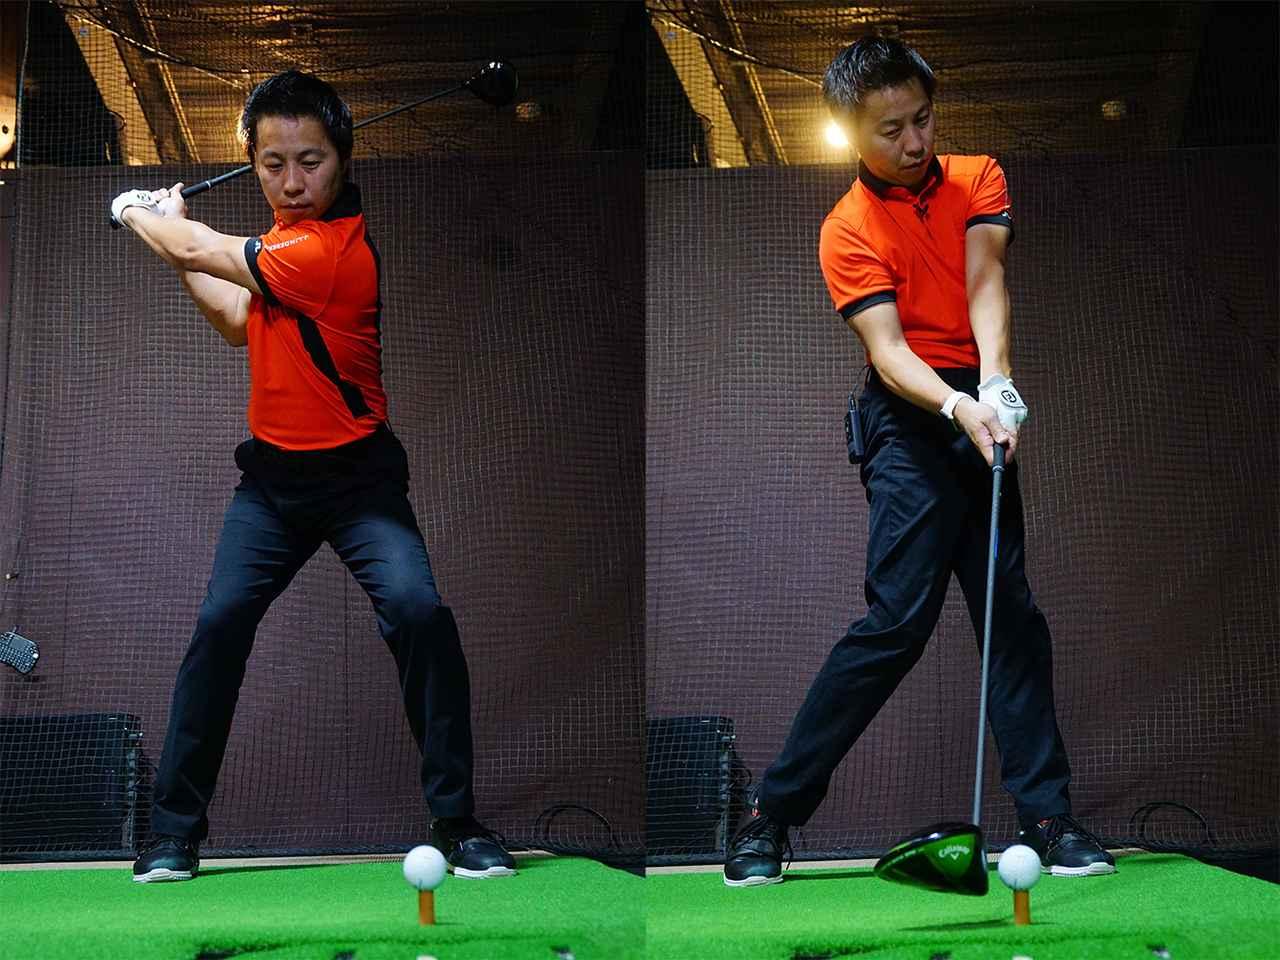 画像: 地面を強く踏み込み膝を伸ばすことで、腰の回転力があがる